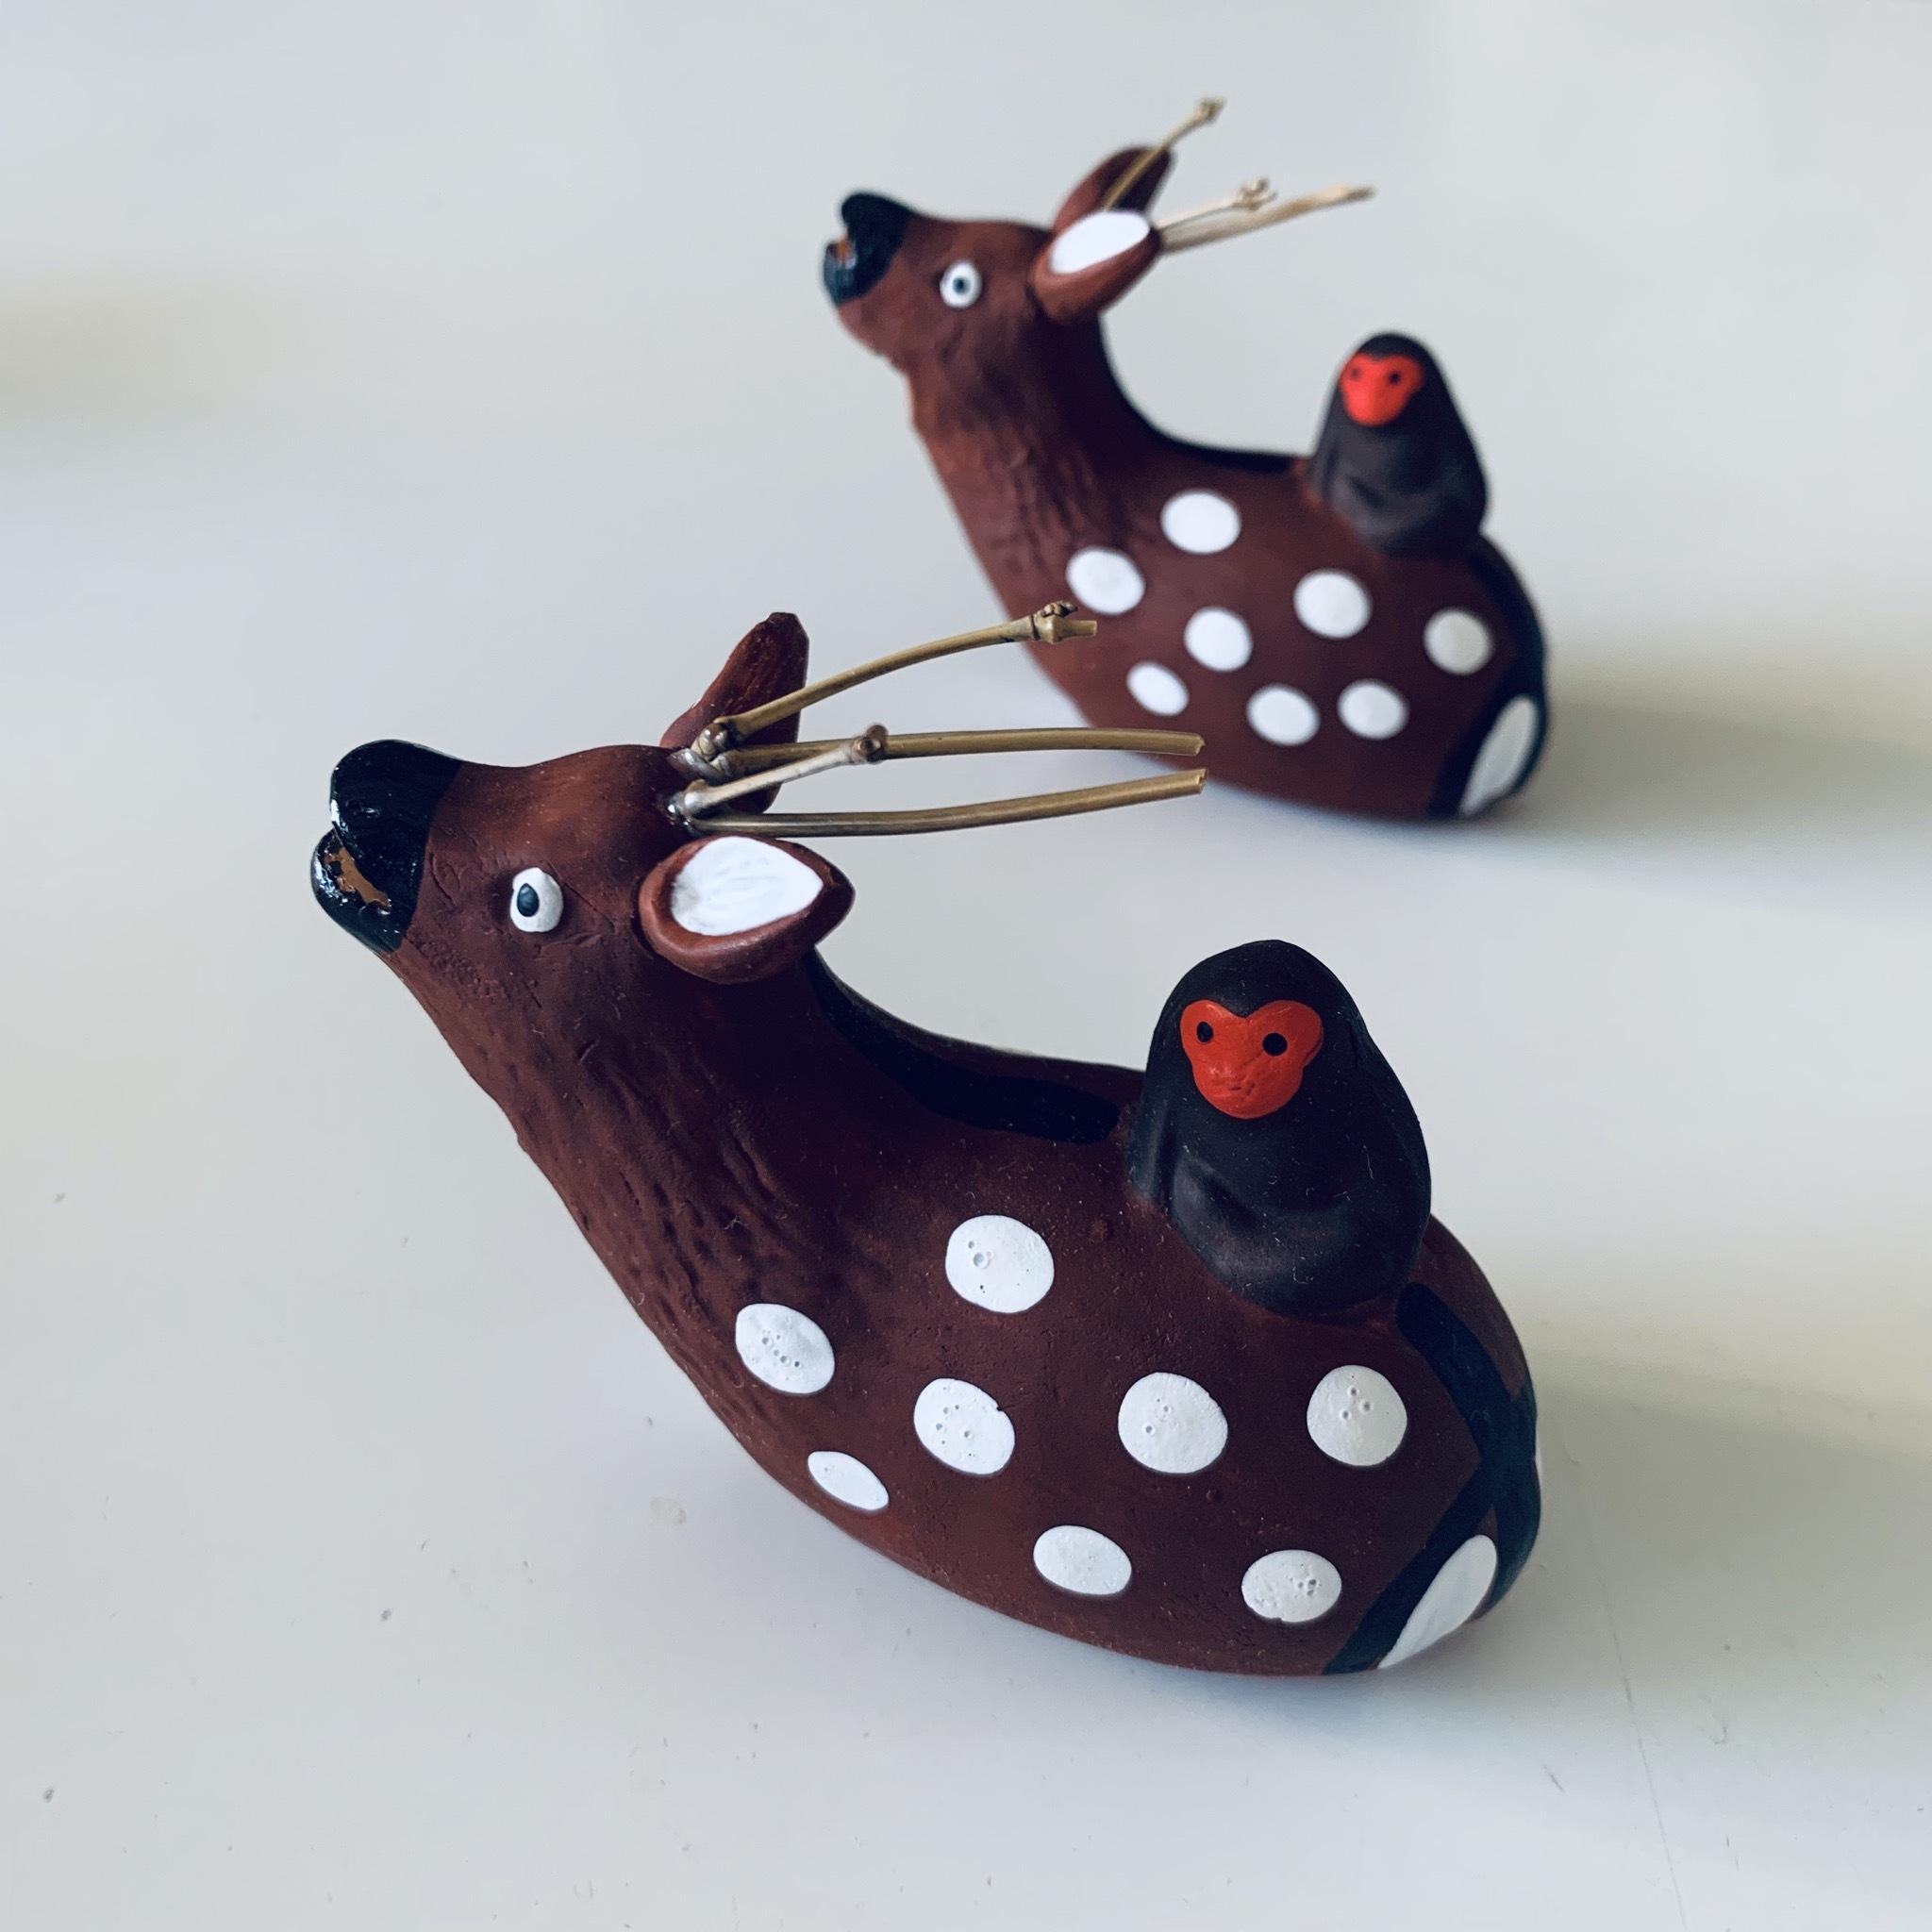 手仕事で作られた鹿猿笛 (宮島)